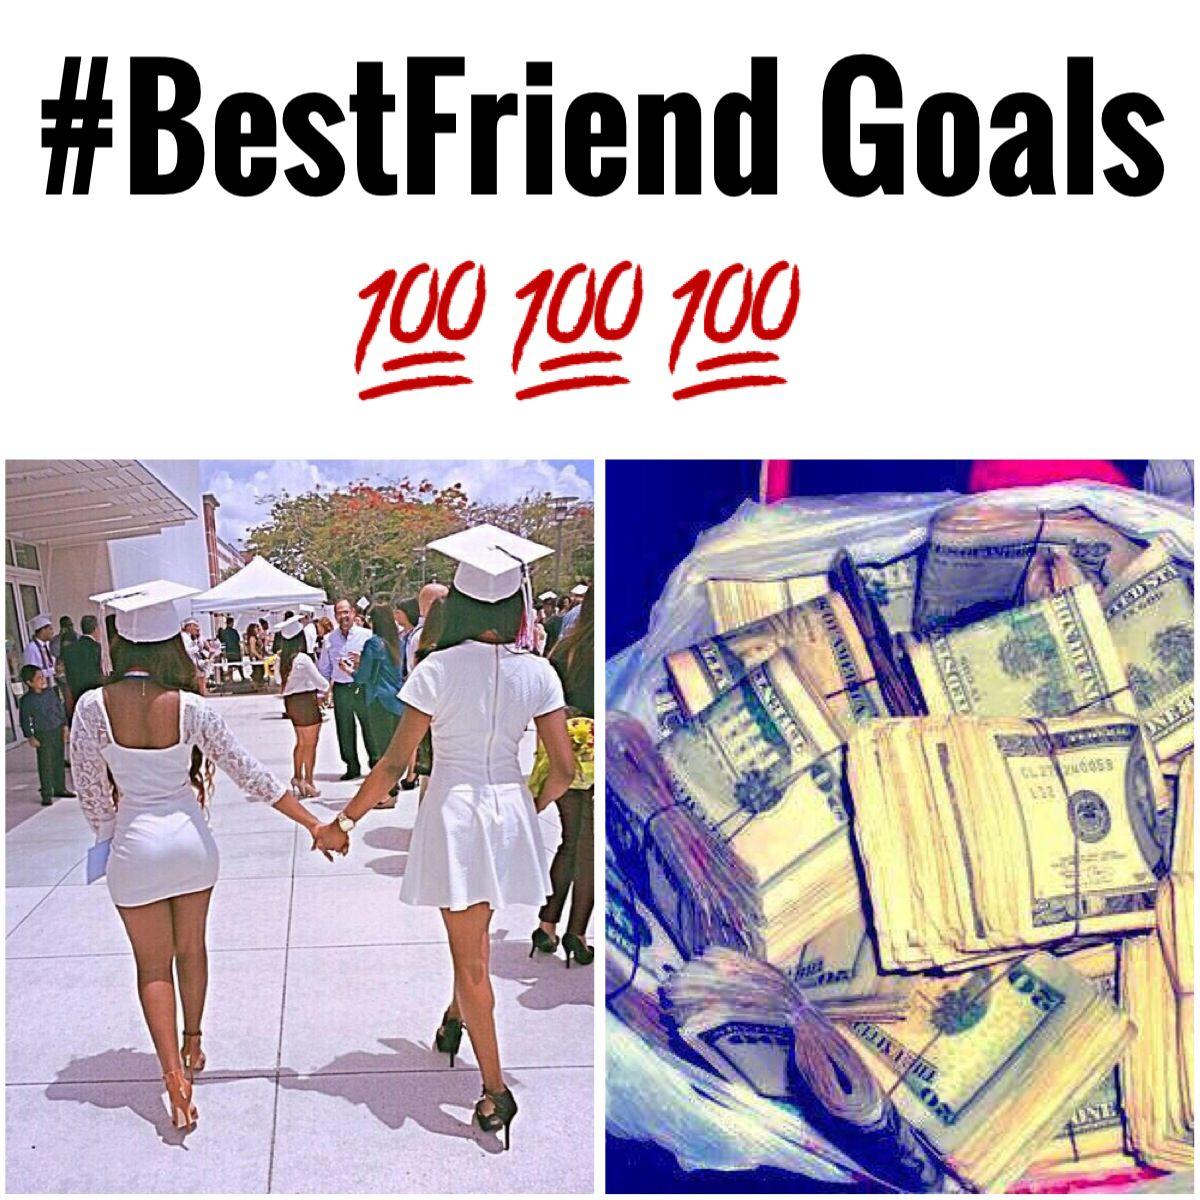 bestfriend goals quotes google search bestie goals bestfriend goals quotes google search